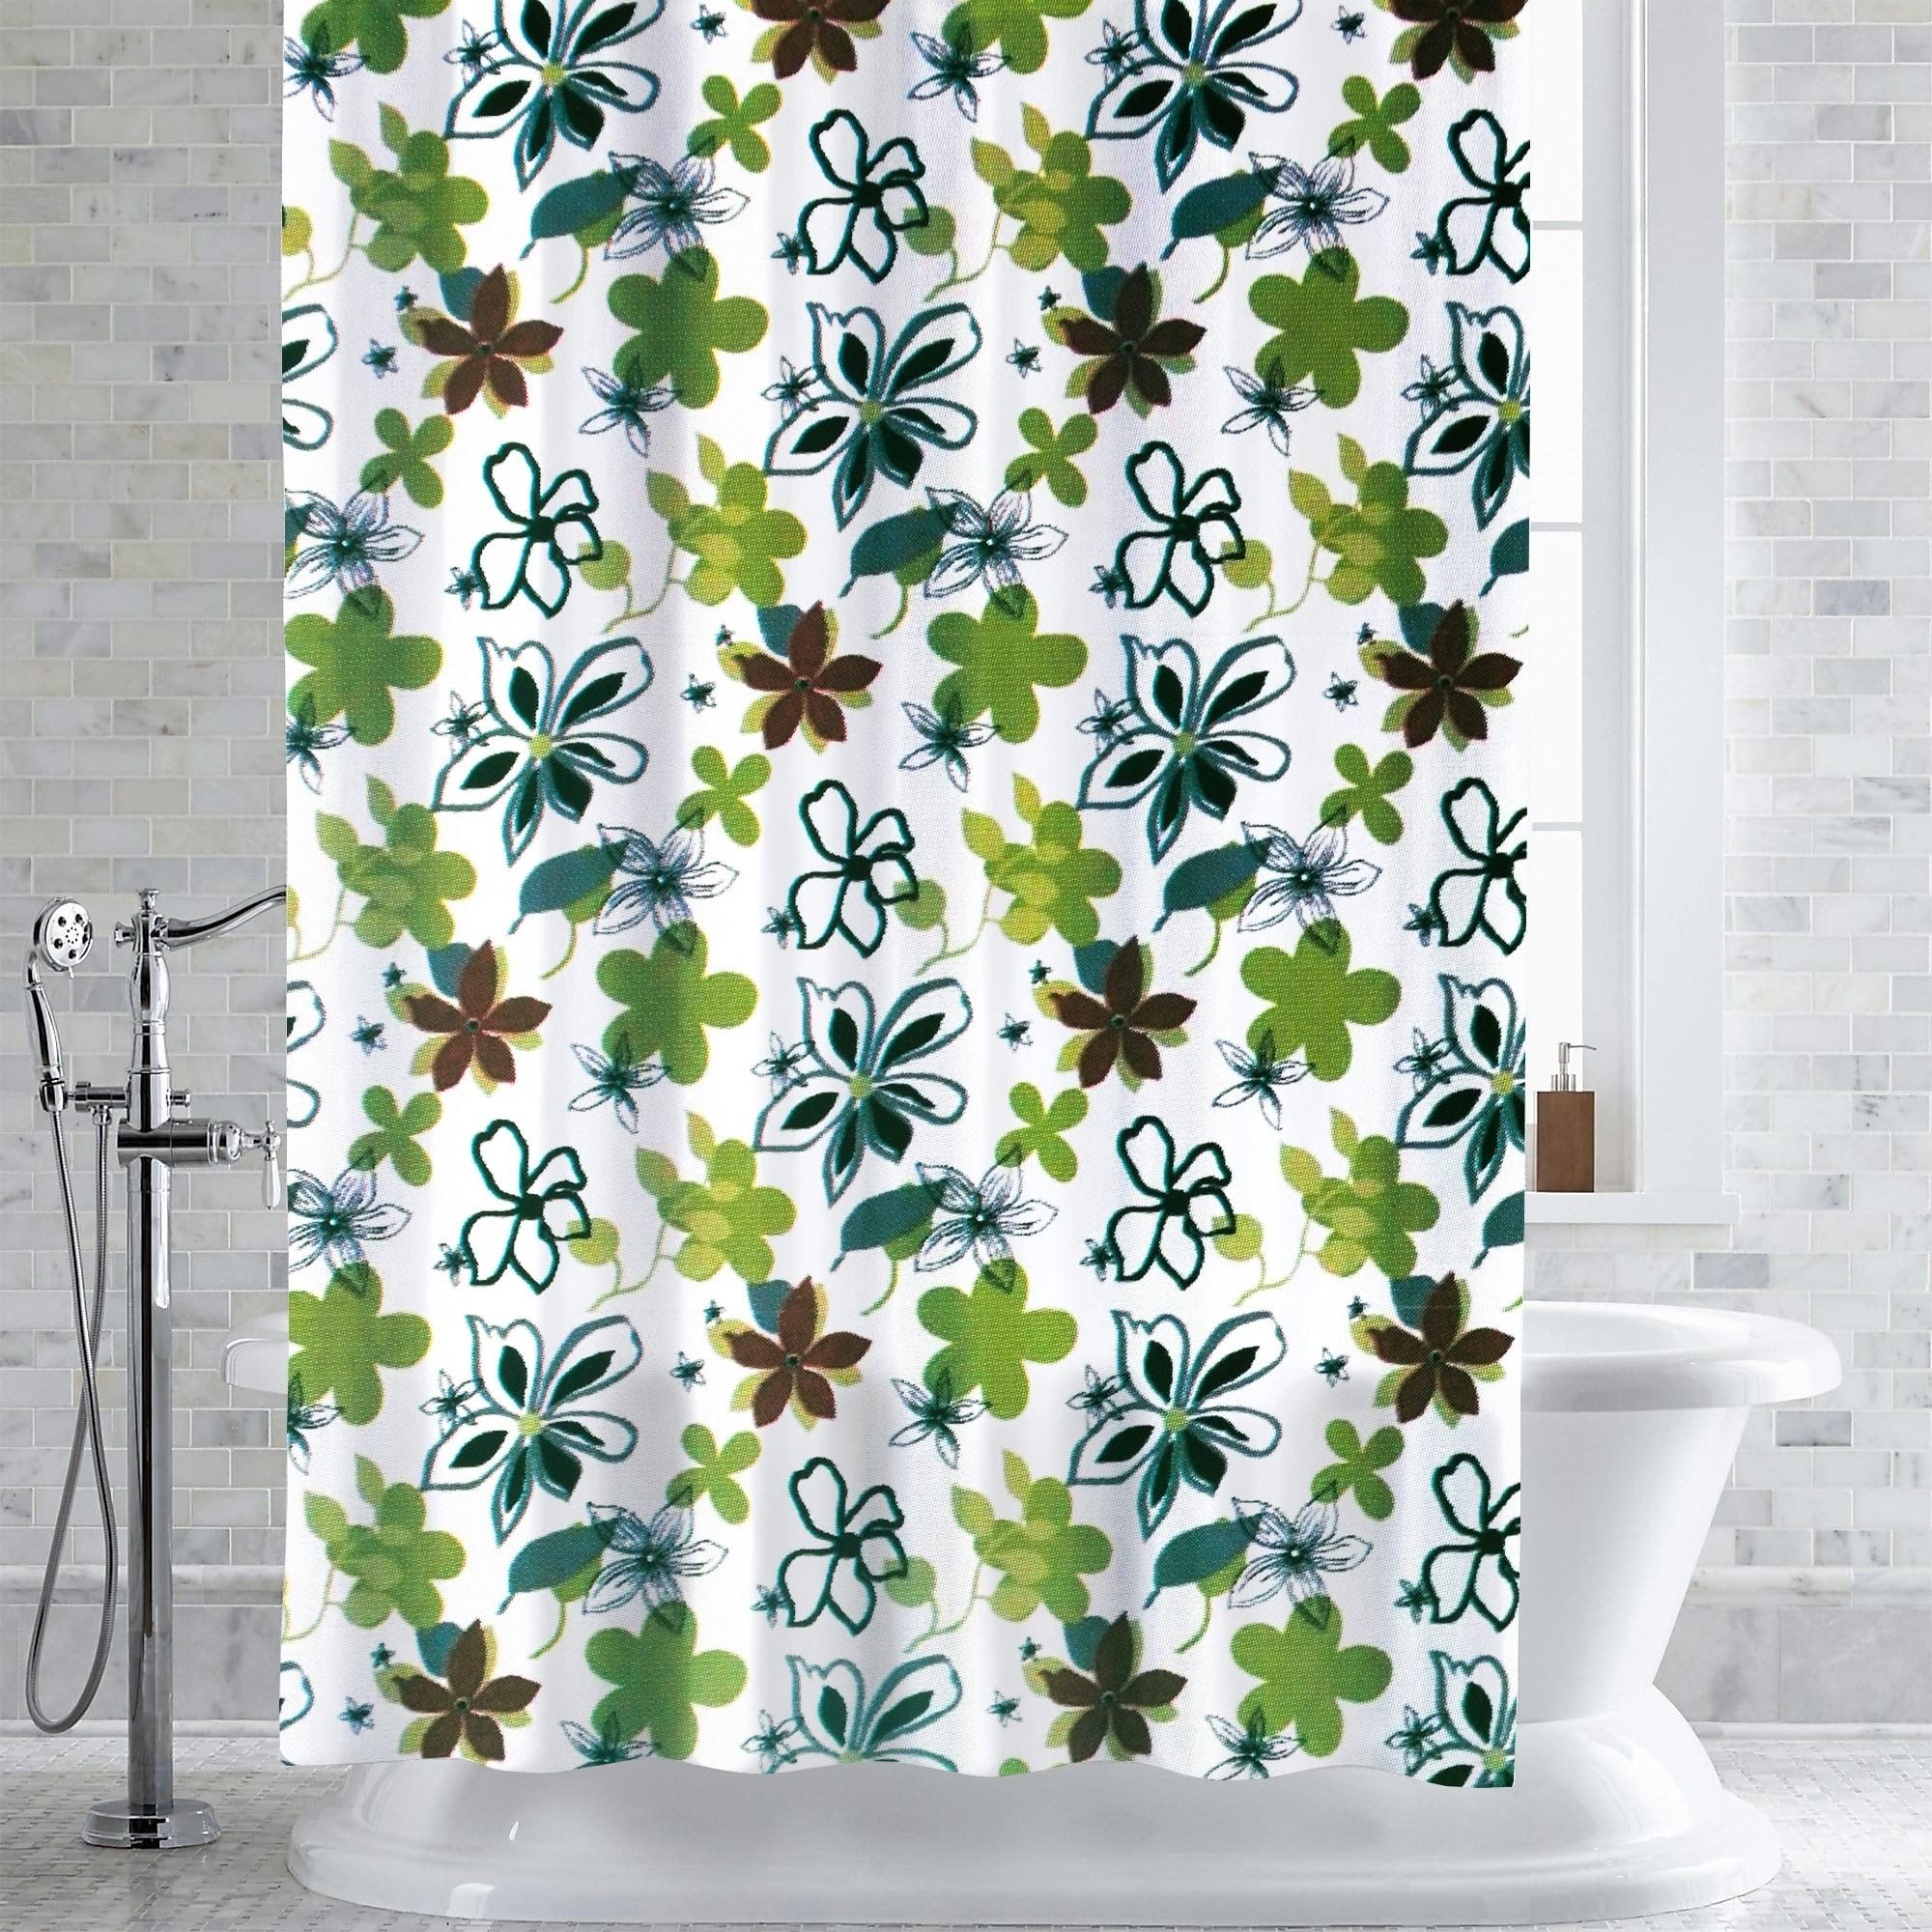 Shop Garner Floral Print PEVA EVA Shower Curtain Liner 70x72